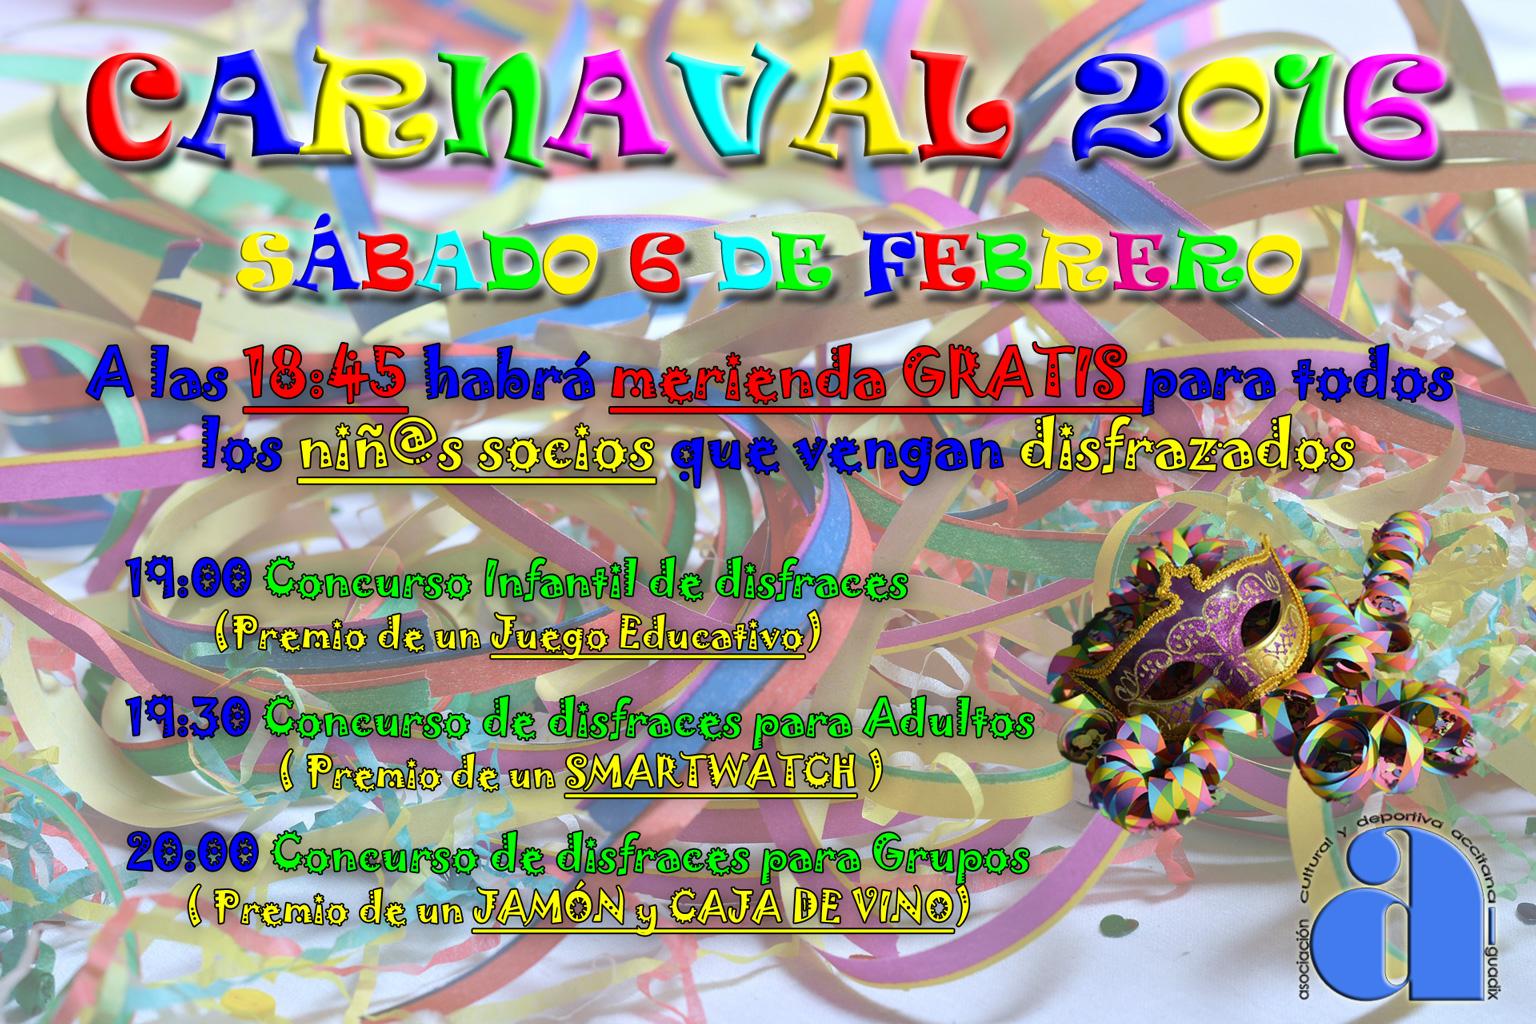 Carnaval-Acyda-2016